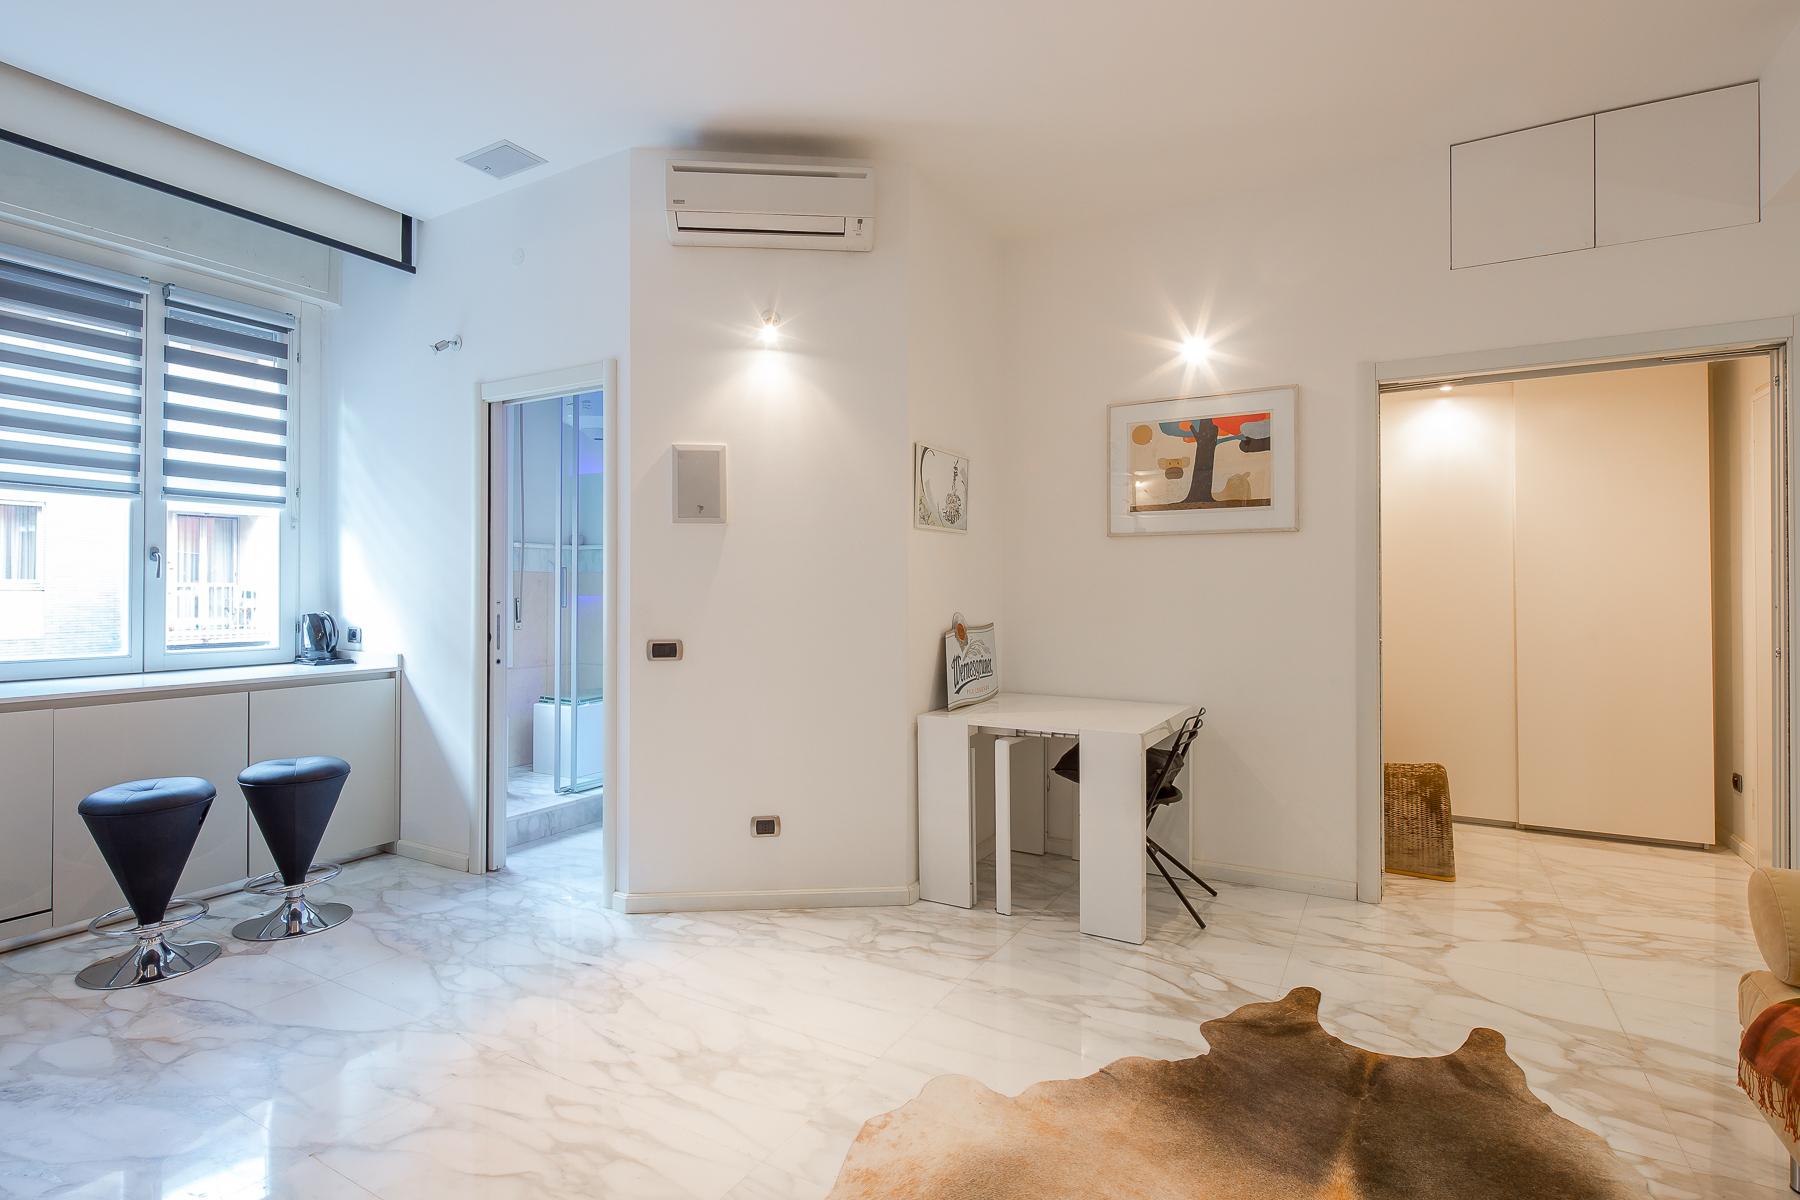 Appartamento in Vendita a Milano: 2 locali, 56 mq - Foto 6